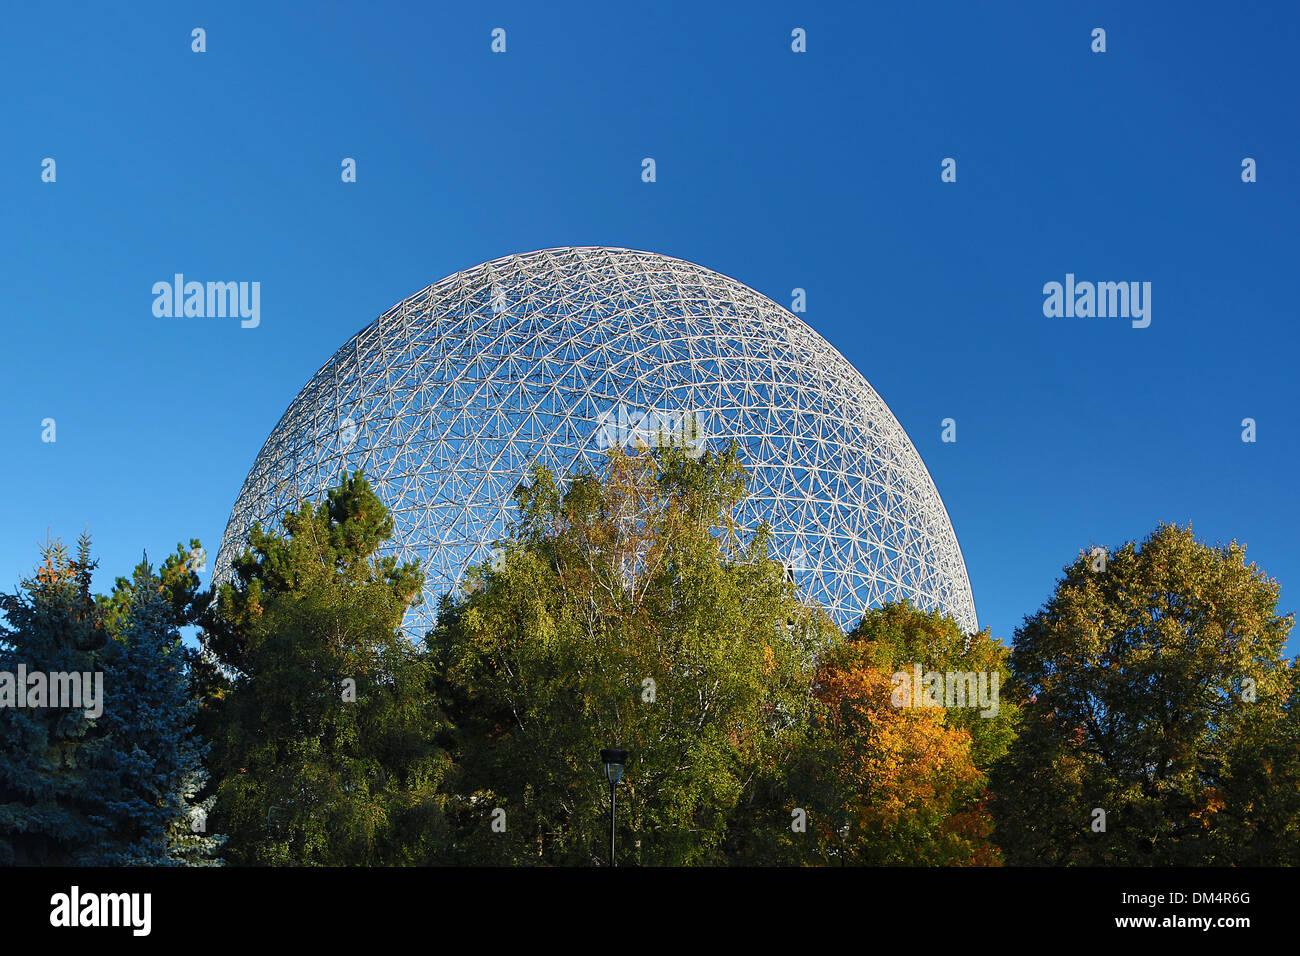 Biosphäre, Kanada, Nordamerika, Umwelt, Stadt Montreal, Quebec, Architektur, Stadt, Museum, Reisen, Biosphäre, Stockbild